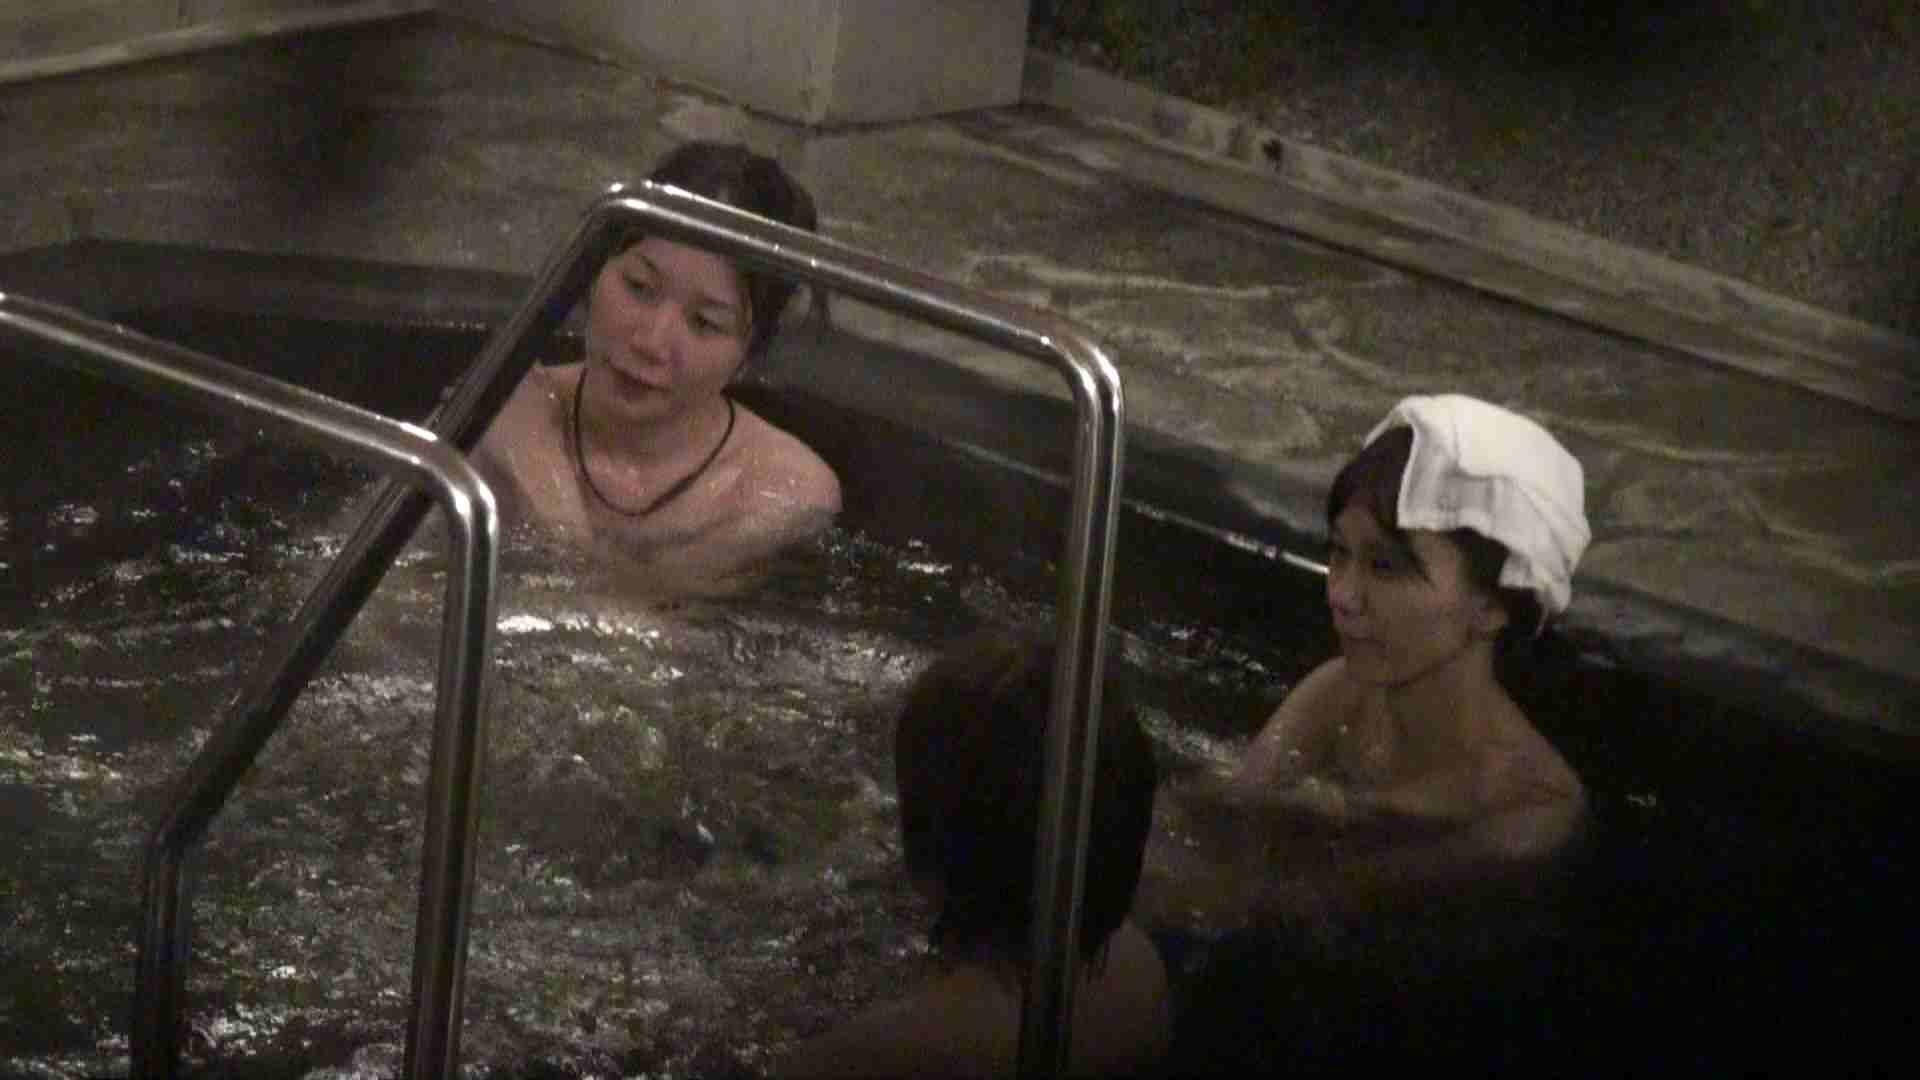 Aquaな露天風呂Vol.419 盗撮  99画像 45